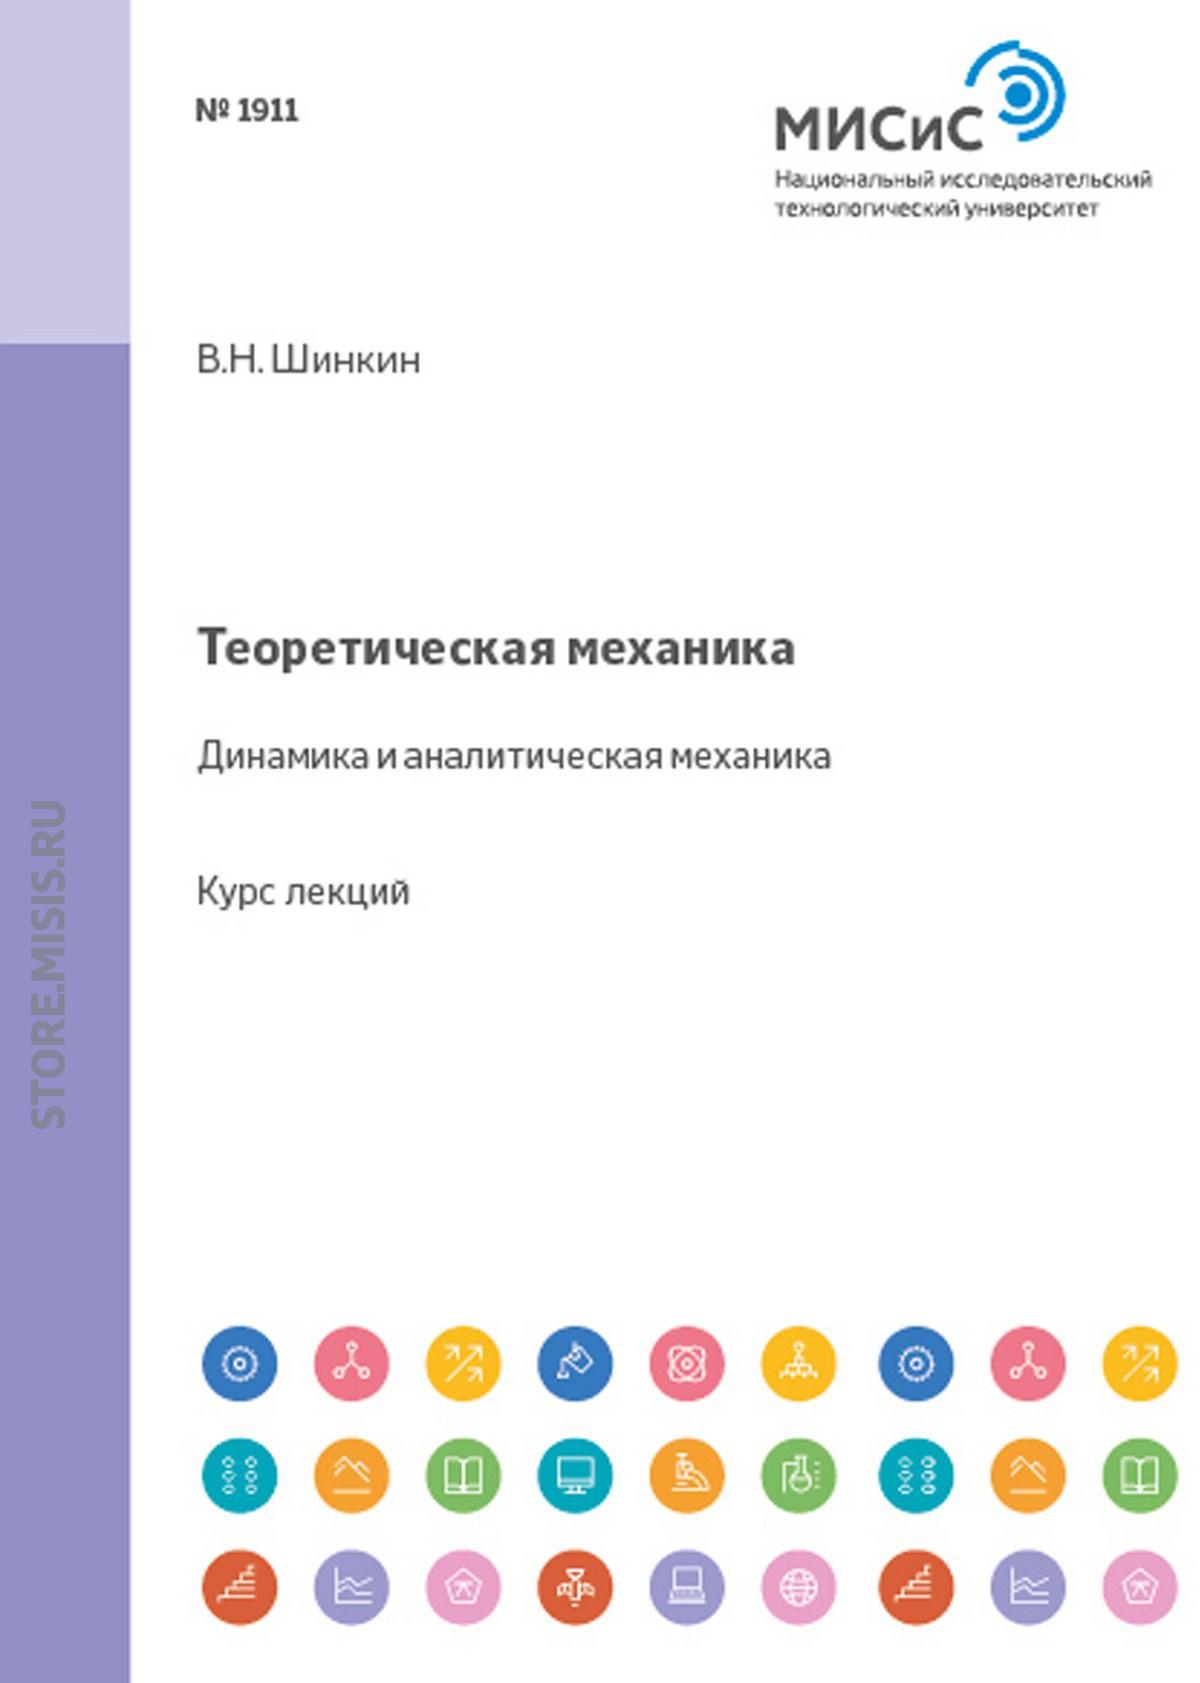 В. Н. Шинкин Теоретическая механика. Динамика и аналитическая механика и в богомаз теоретическая механика том 3 динамика аналитическая механика